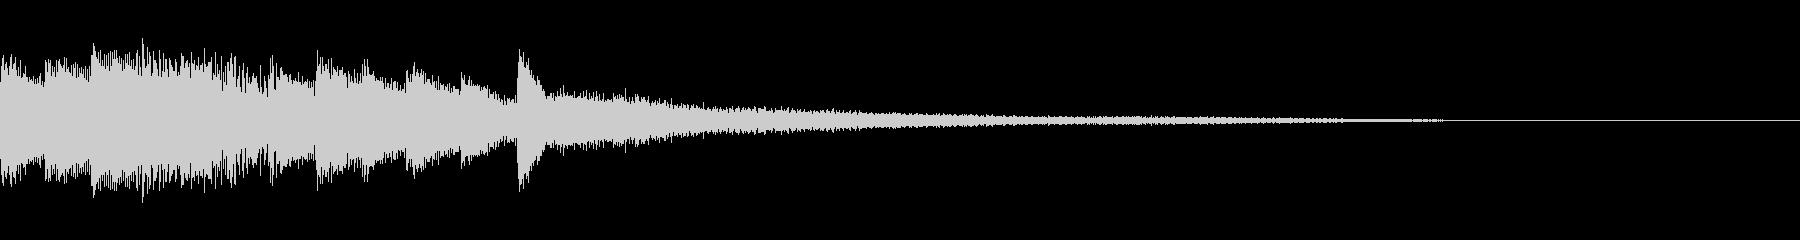 ピアノの印象的なシンプルなジングルの未再生の波形